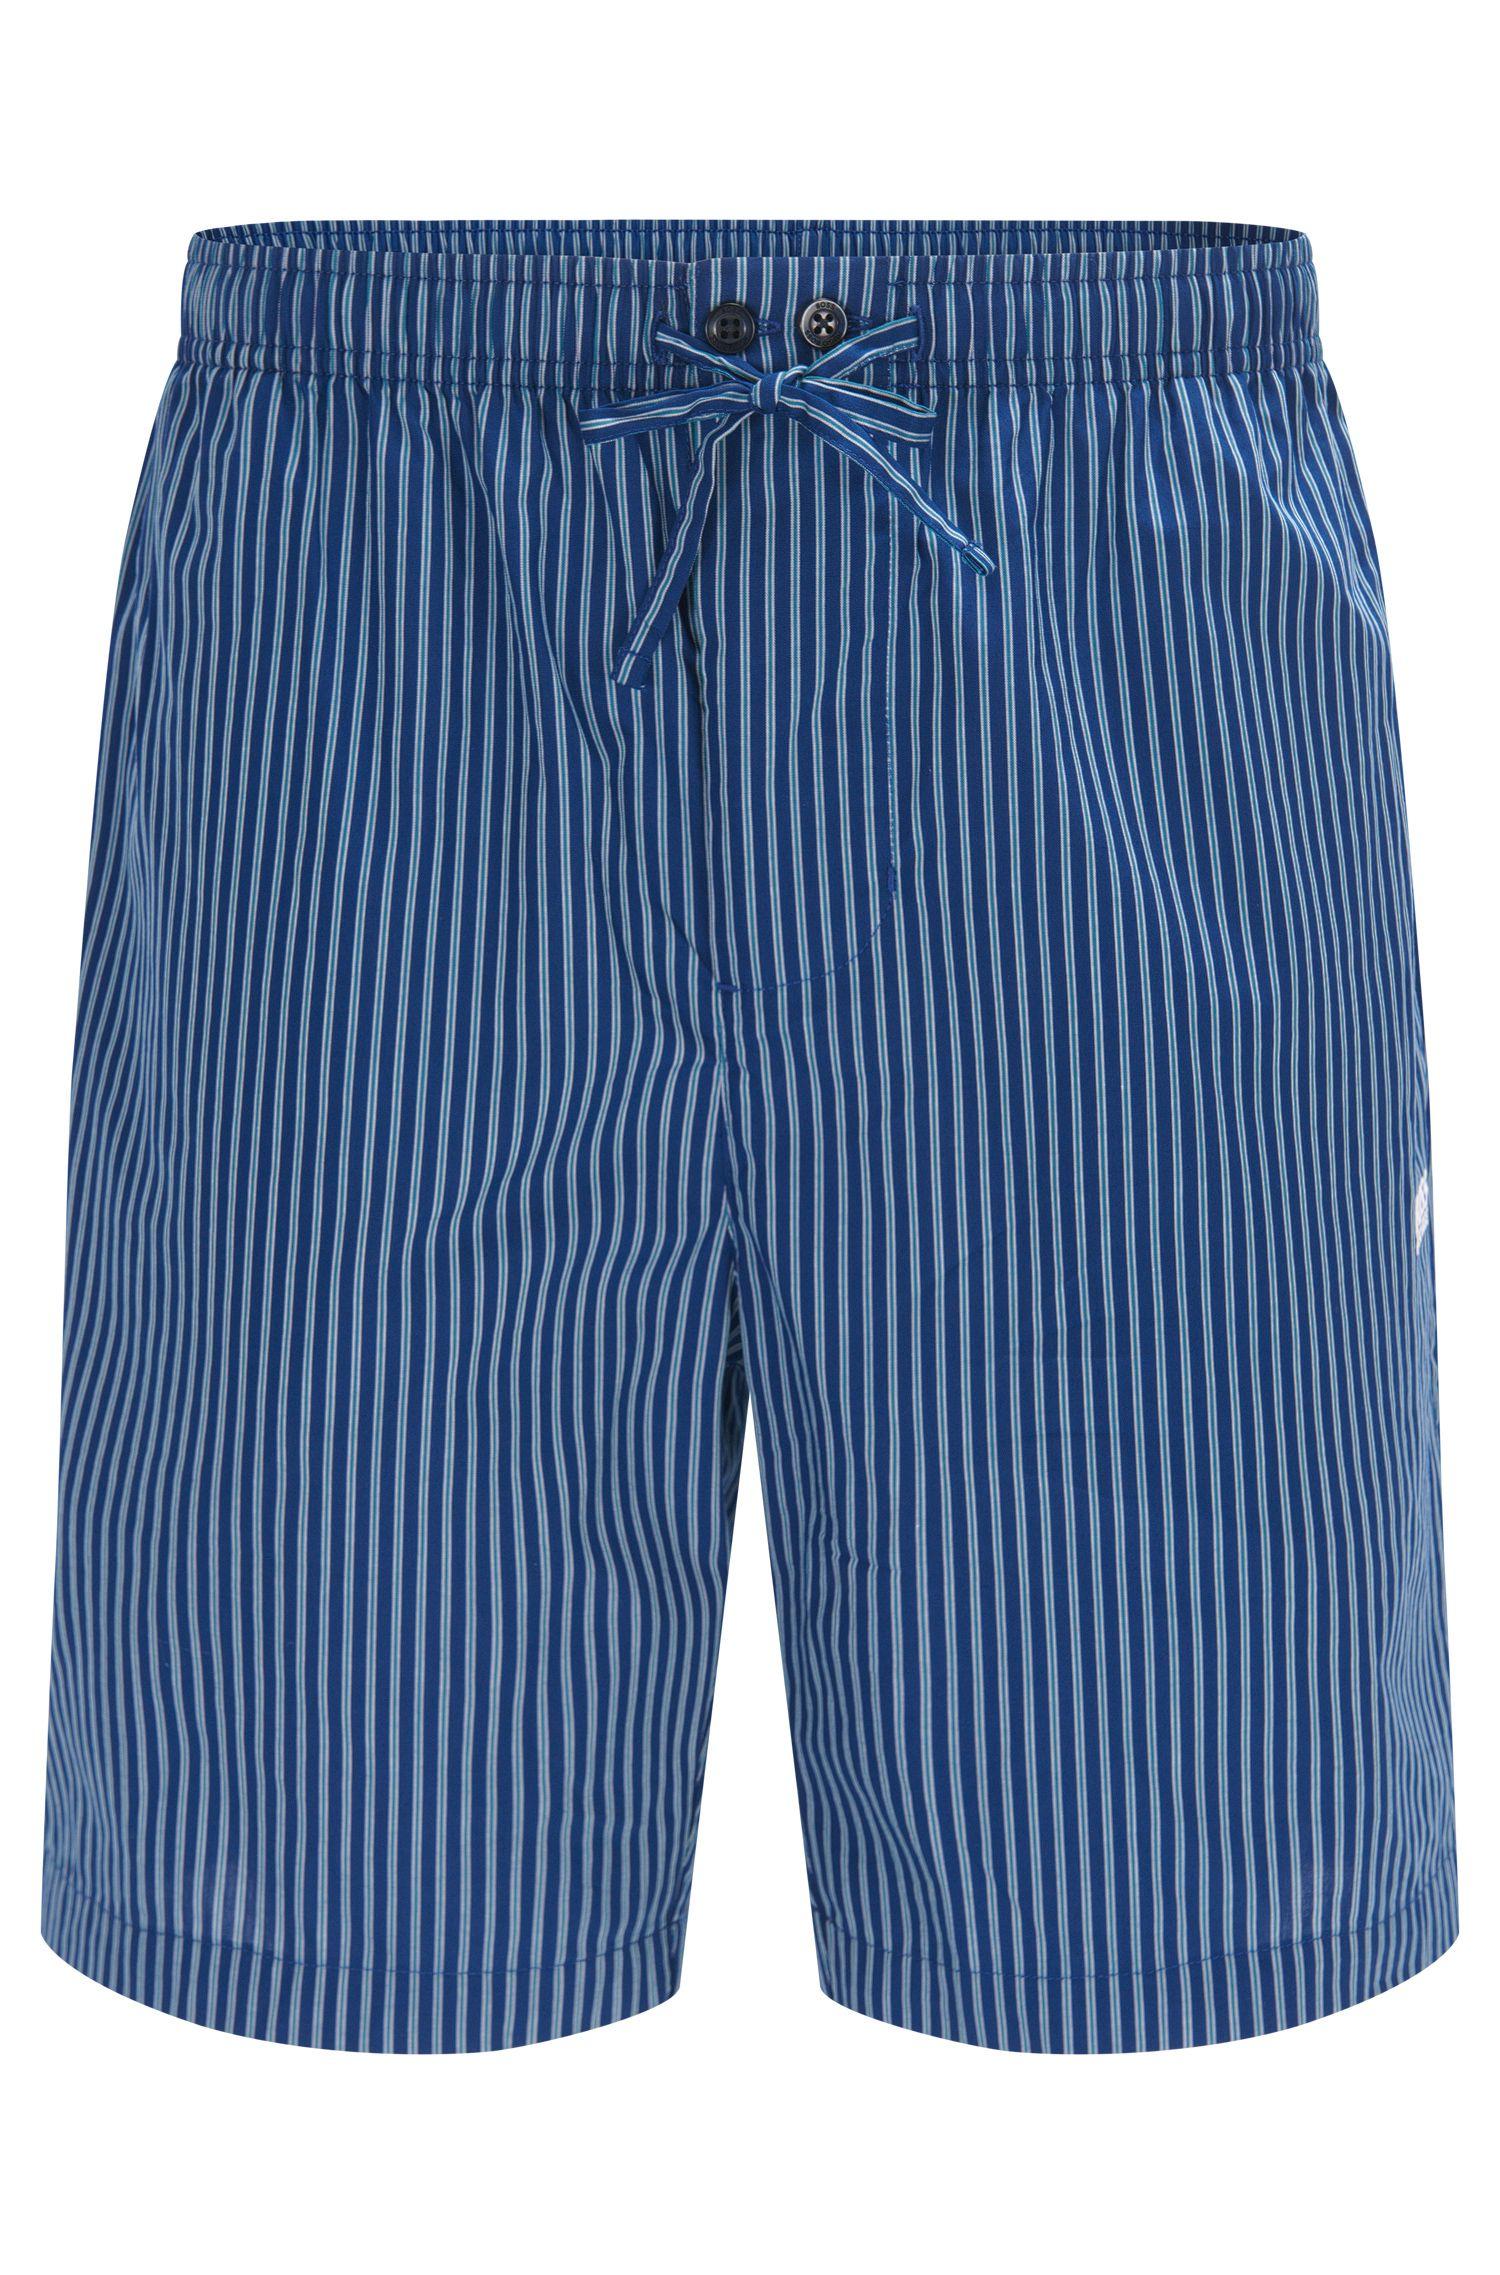 Pantaloncini corti del pigiama a righe in popeline di cotone